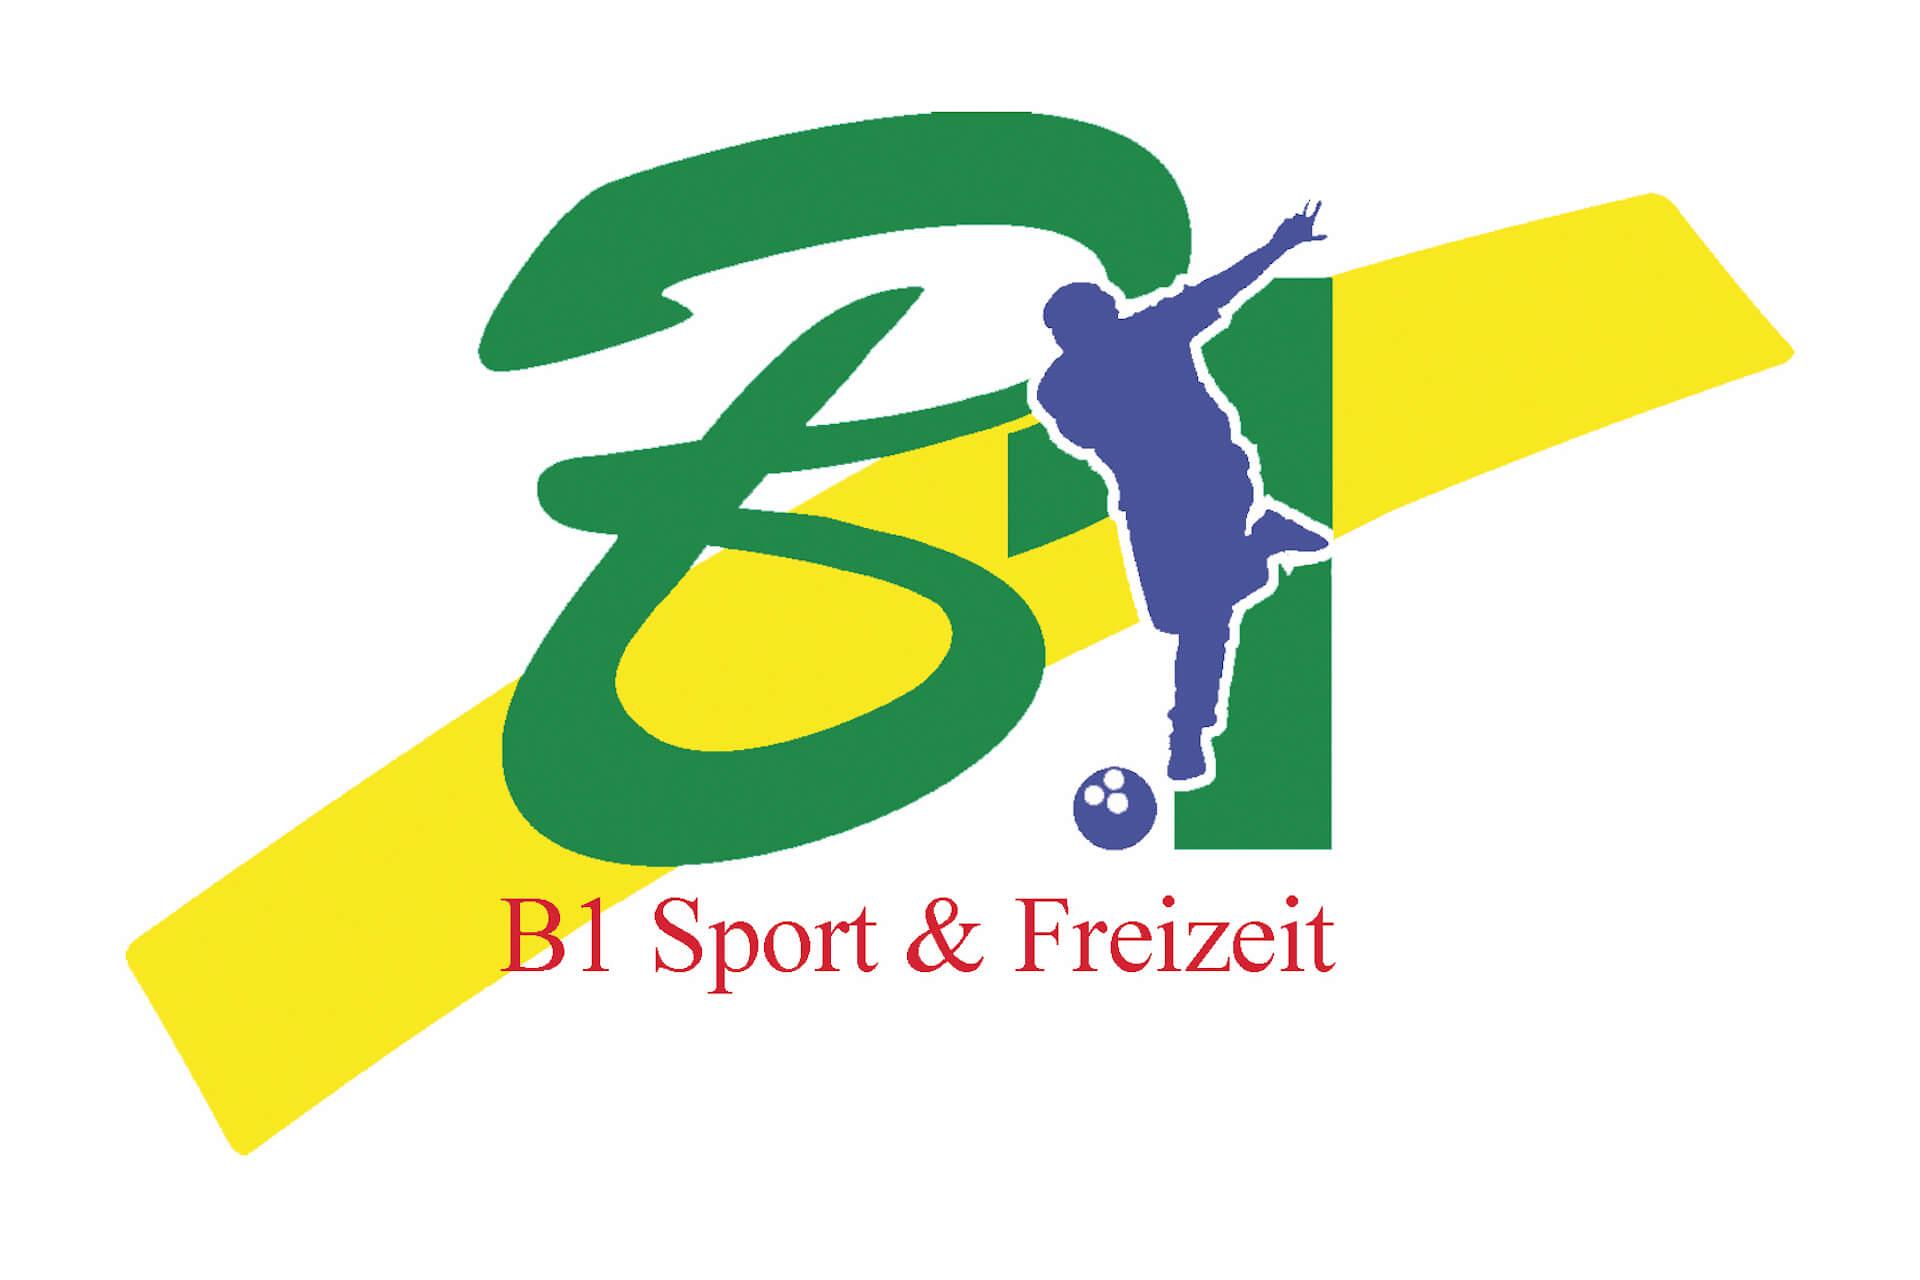 B1 Sport und Freizeit